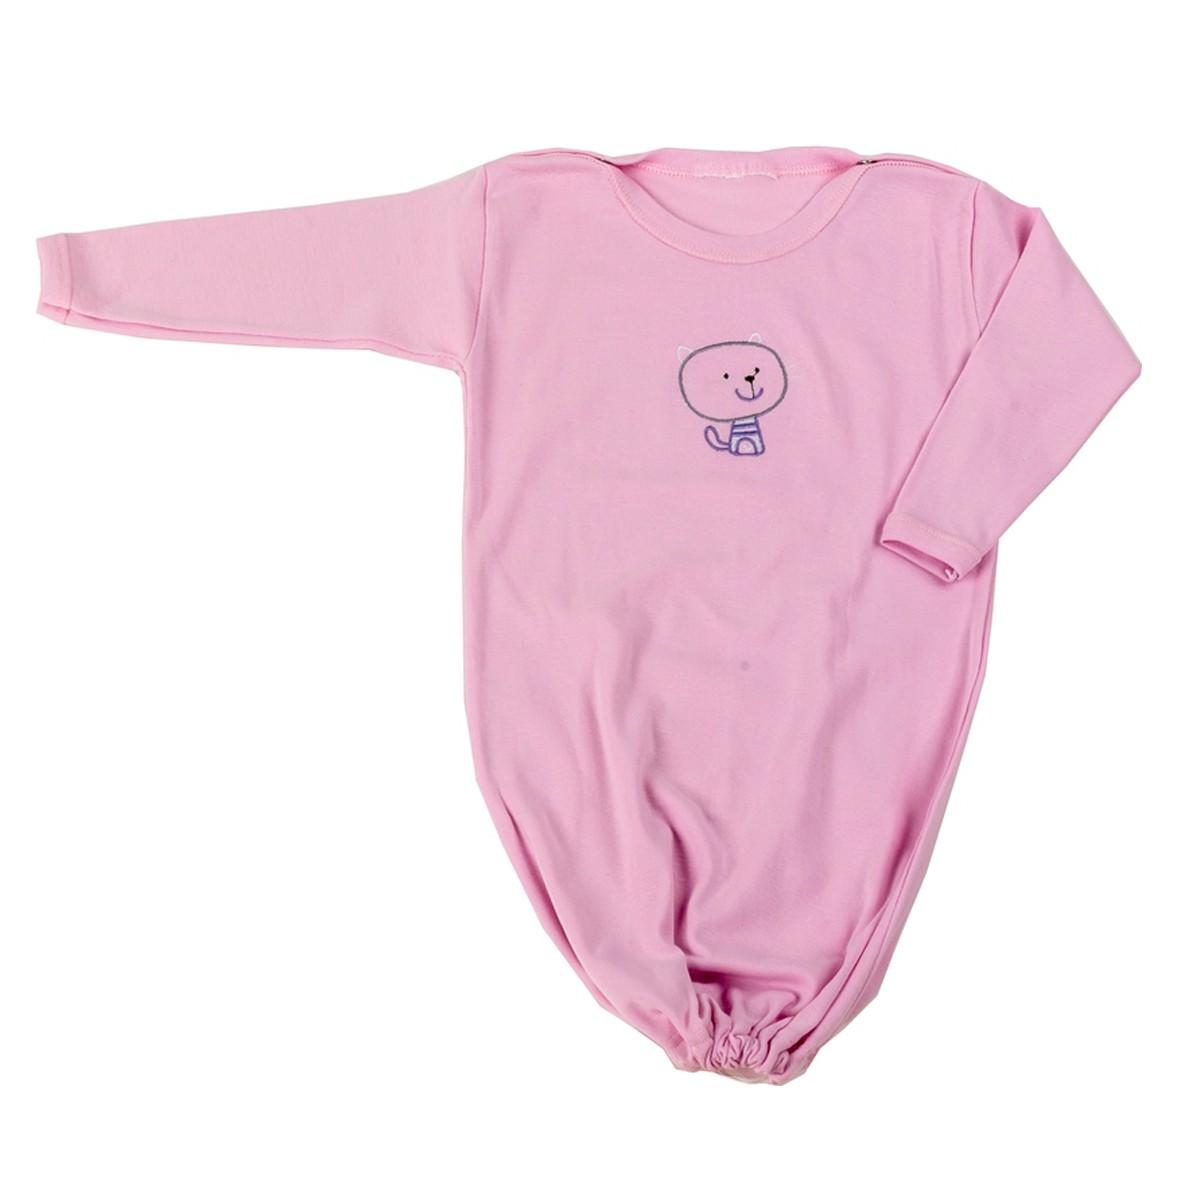 Βρεφικό Φορμάκι-Σάκος Κόσμος Του Μωρού Home 0023 Ροζ 74690